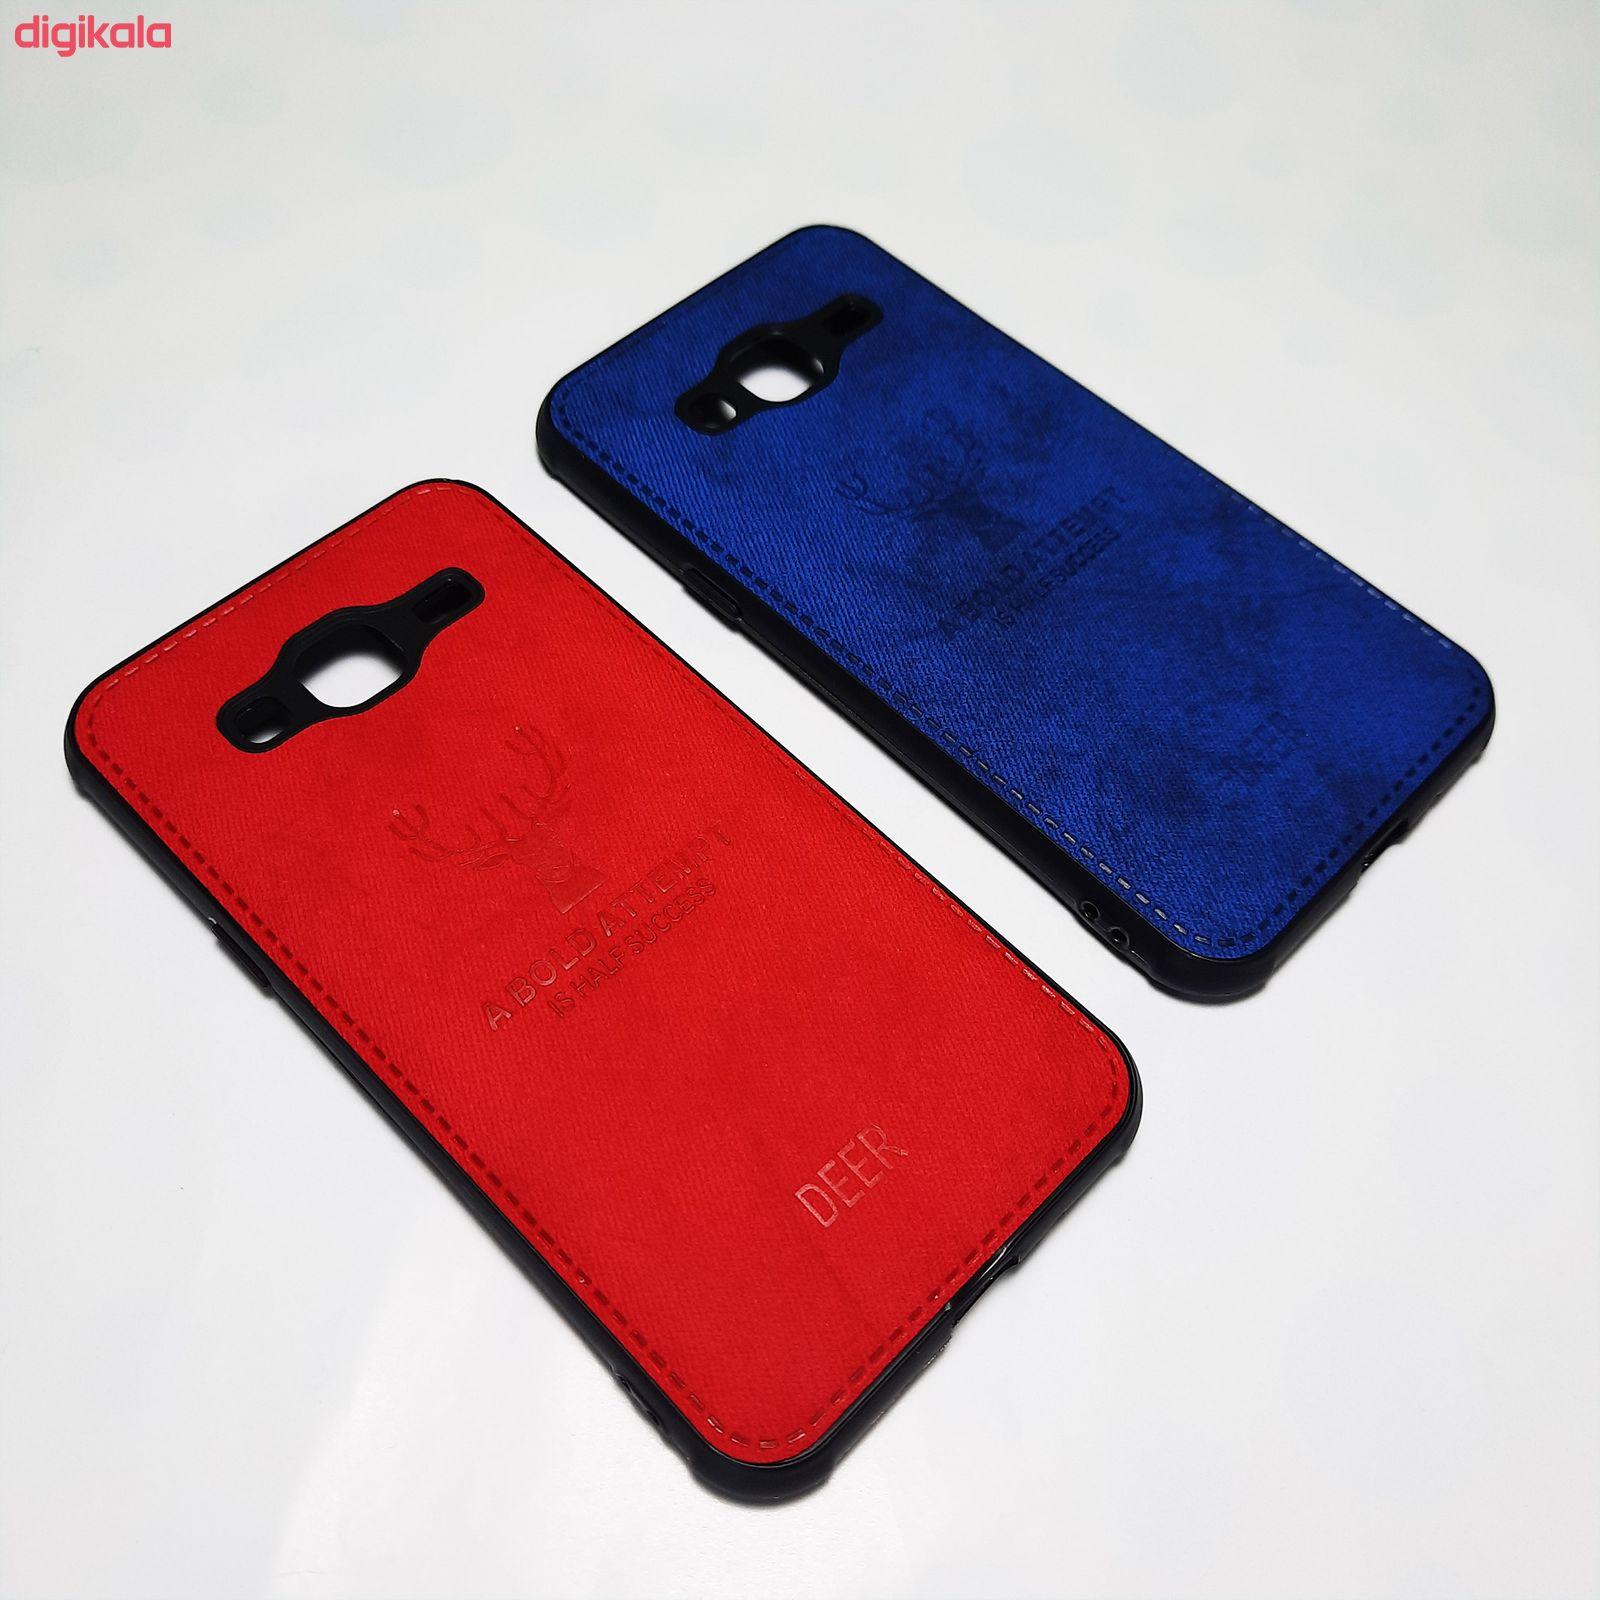 کاور مدل CO811 طرح گوزن مناسب برای گوشی موبایل سامسونگ Galaxy J2 Prime / G530 / Grand Prime main 1 1